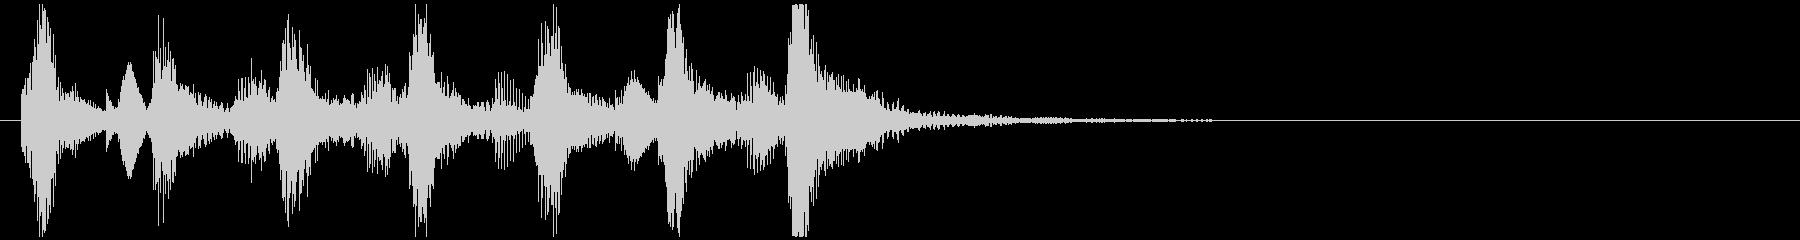 のほほんジングル038_コミカルの未再生の波形